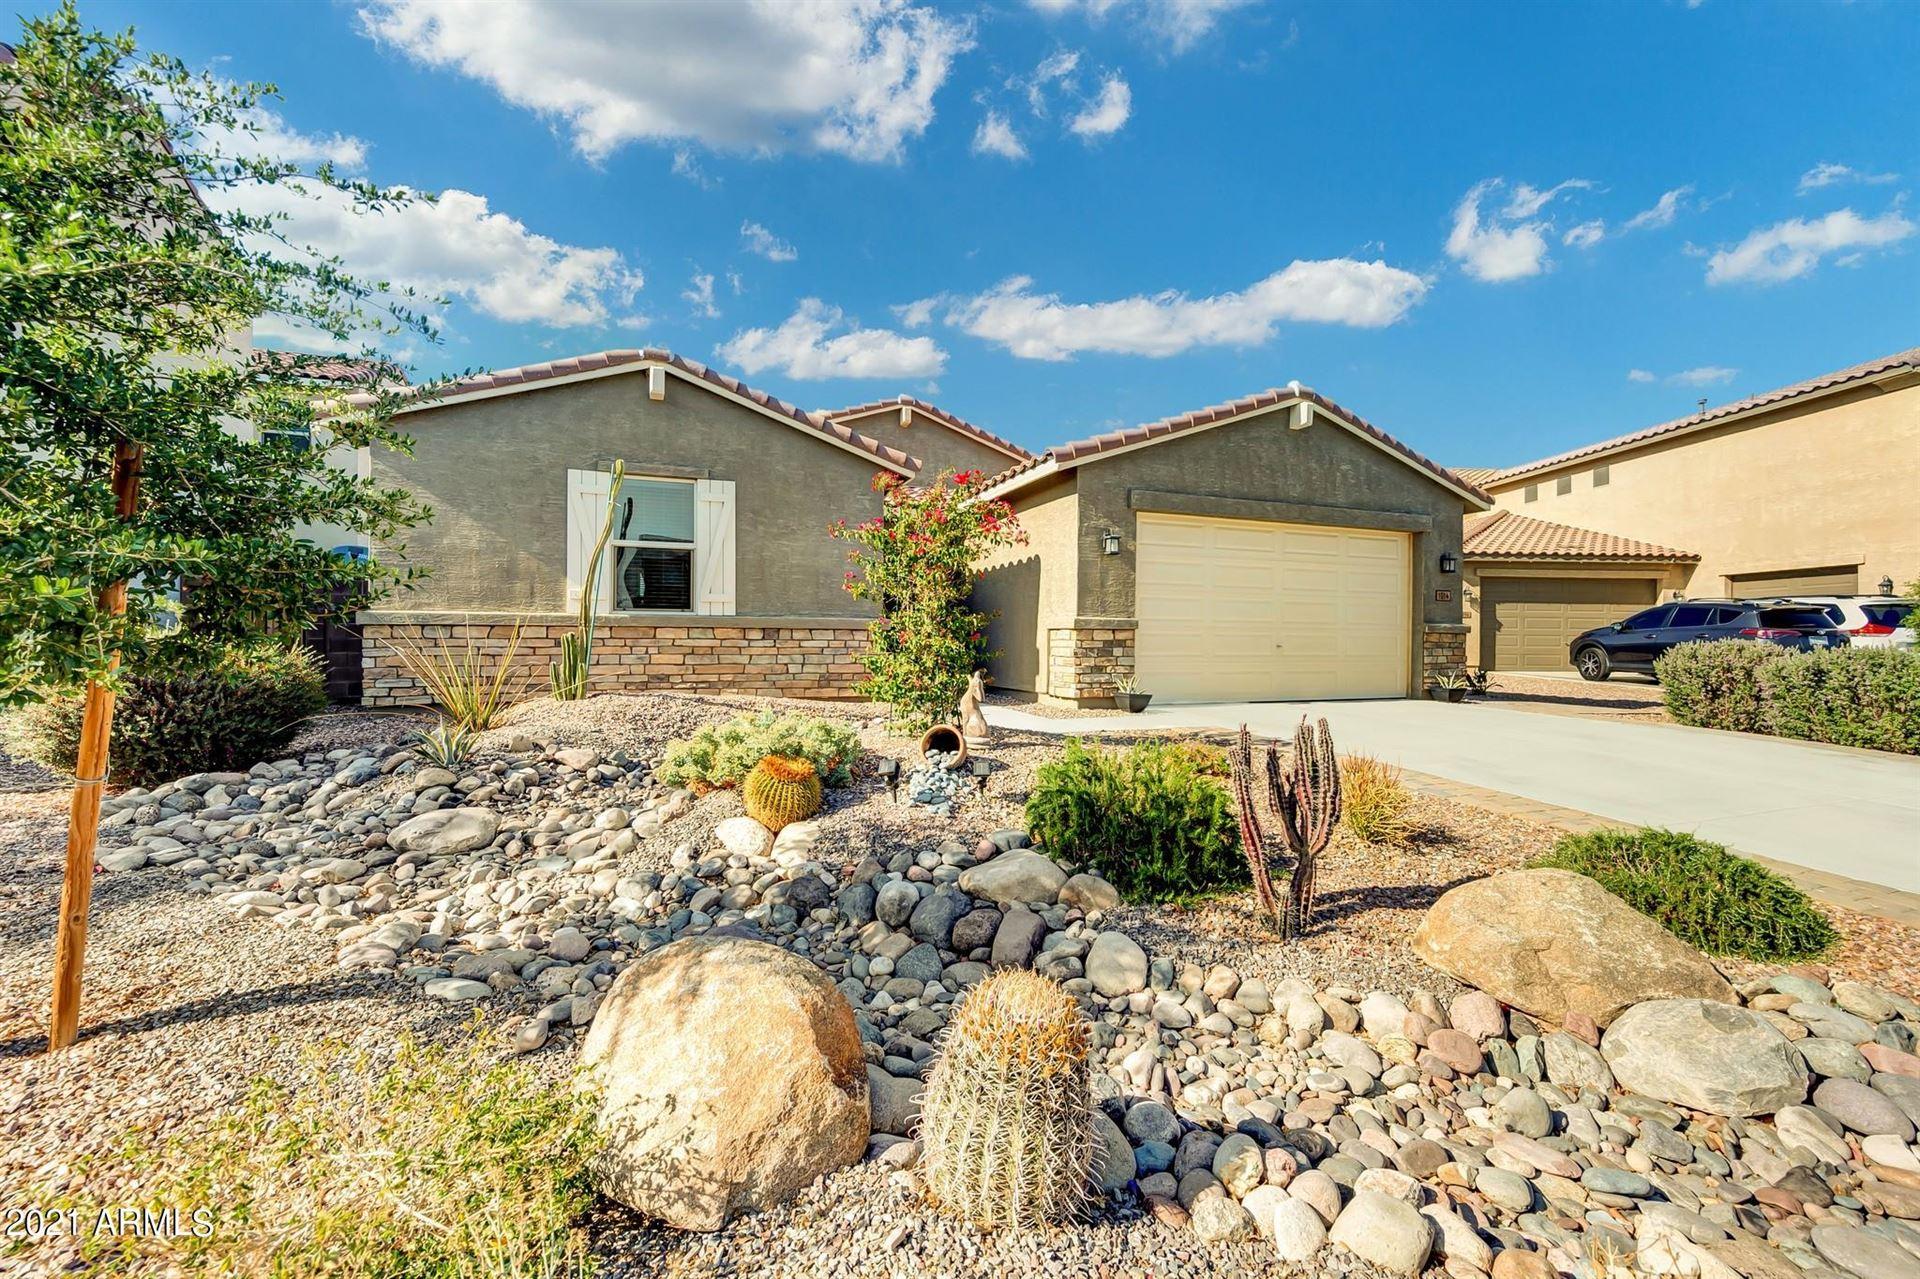 Photo of 1014 W BLUE RIDGE Drive, San Tan Valley, AZ 85140 (MLS # 6231144)